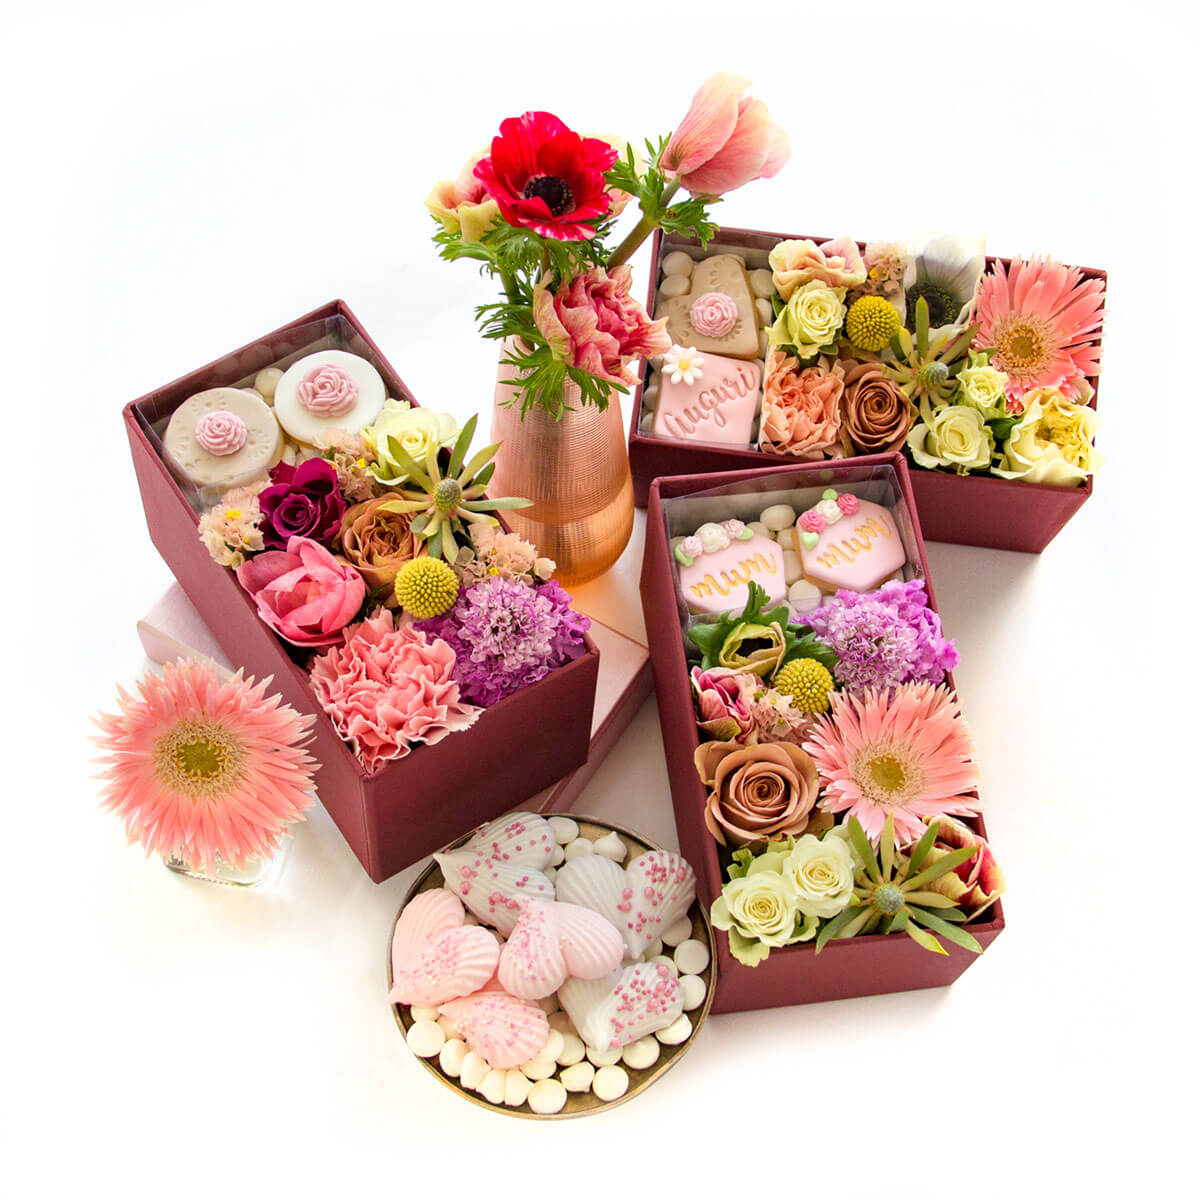 Scatola Mamma Midi 2 - I Do Flowers